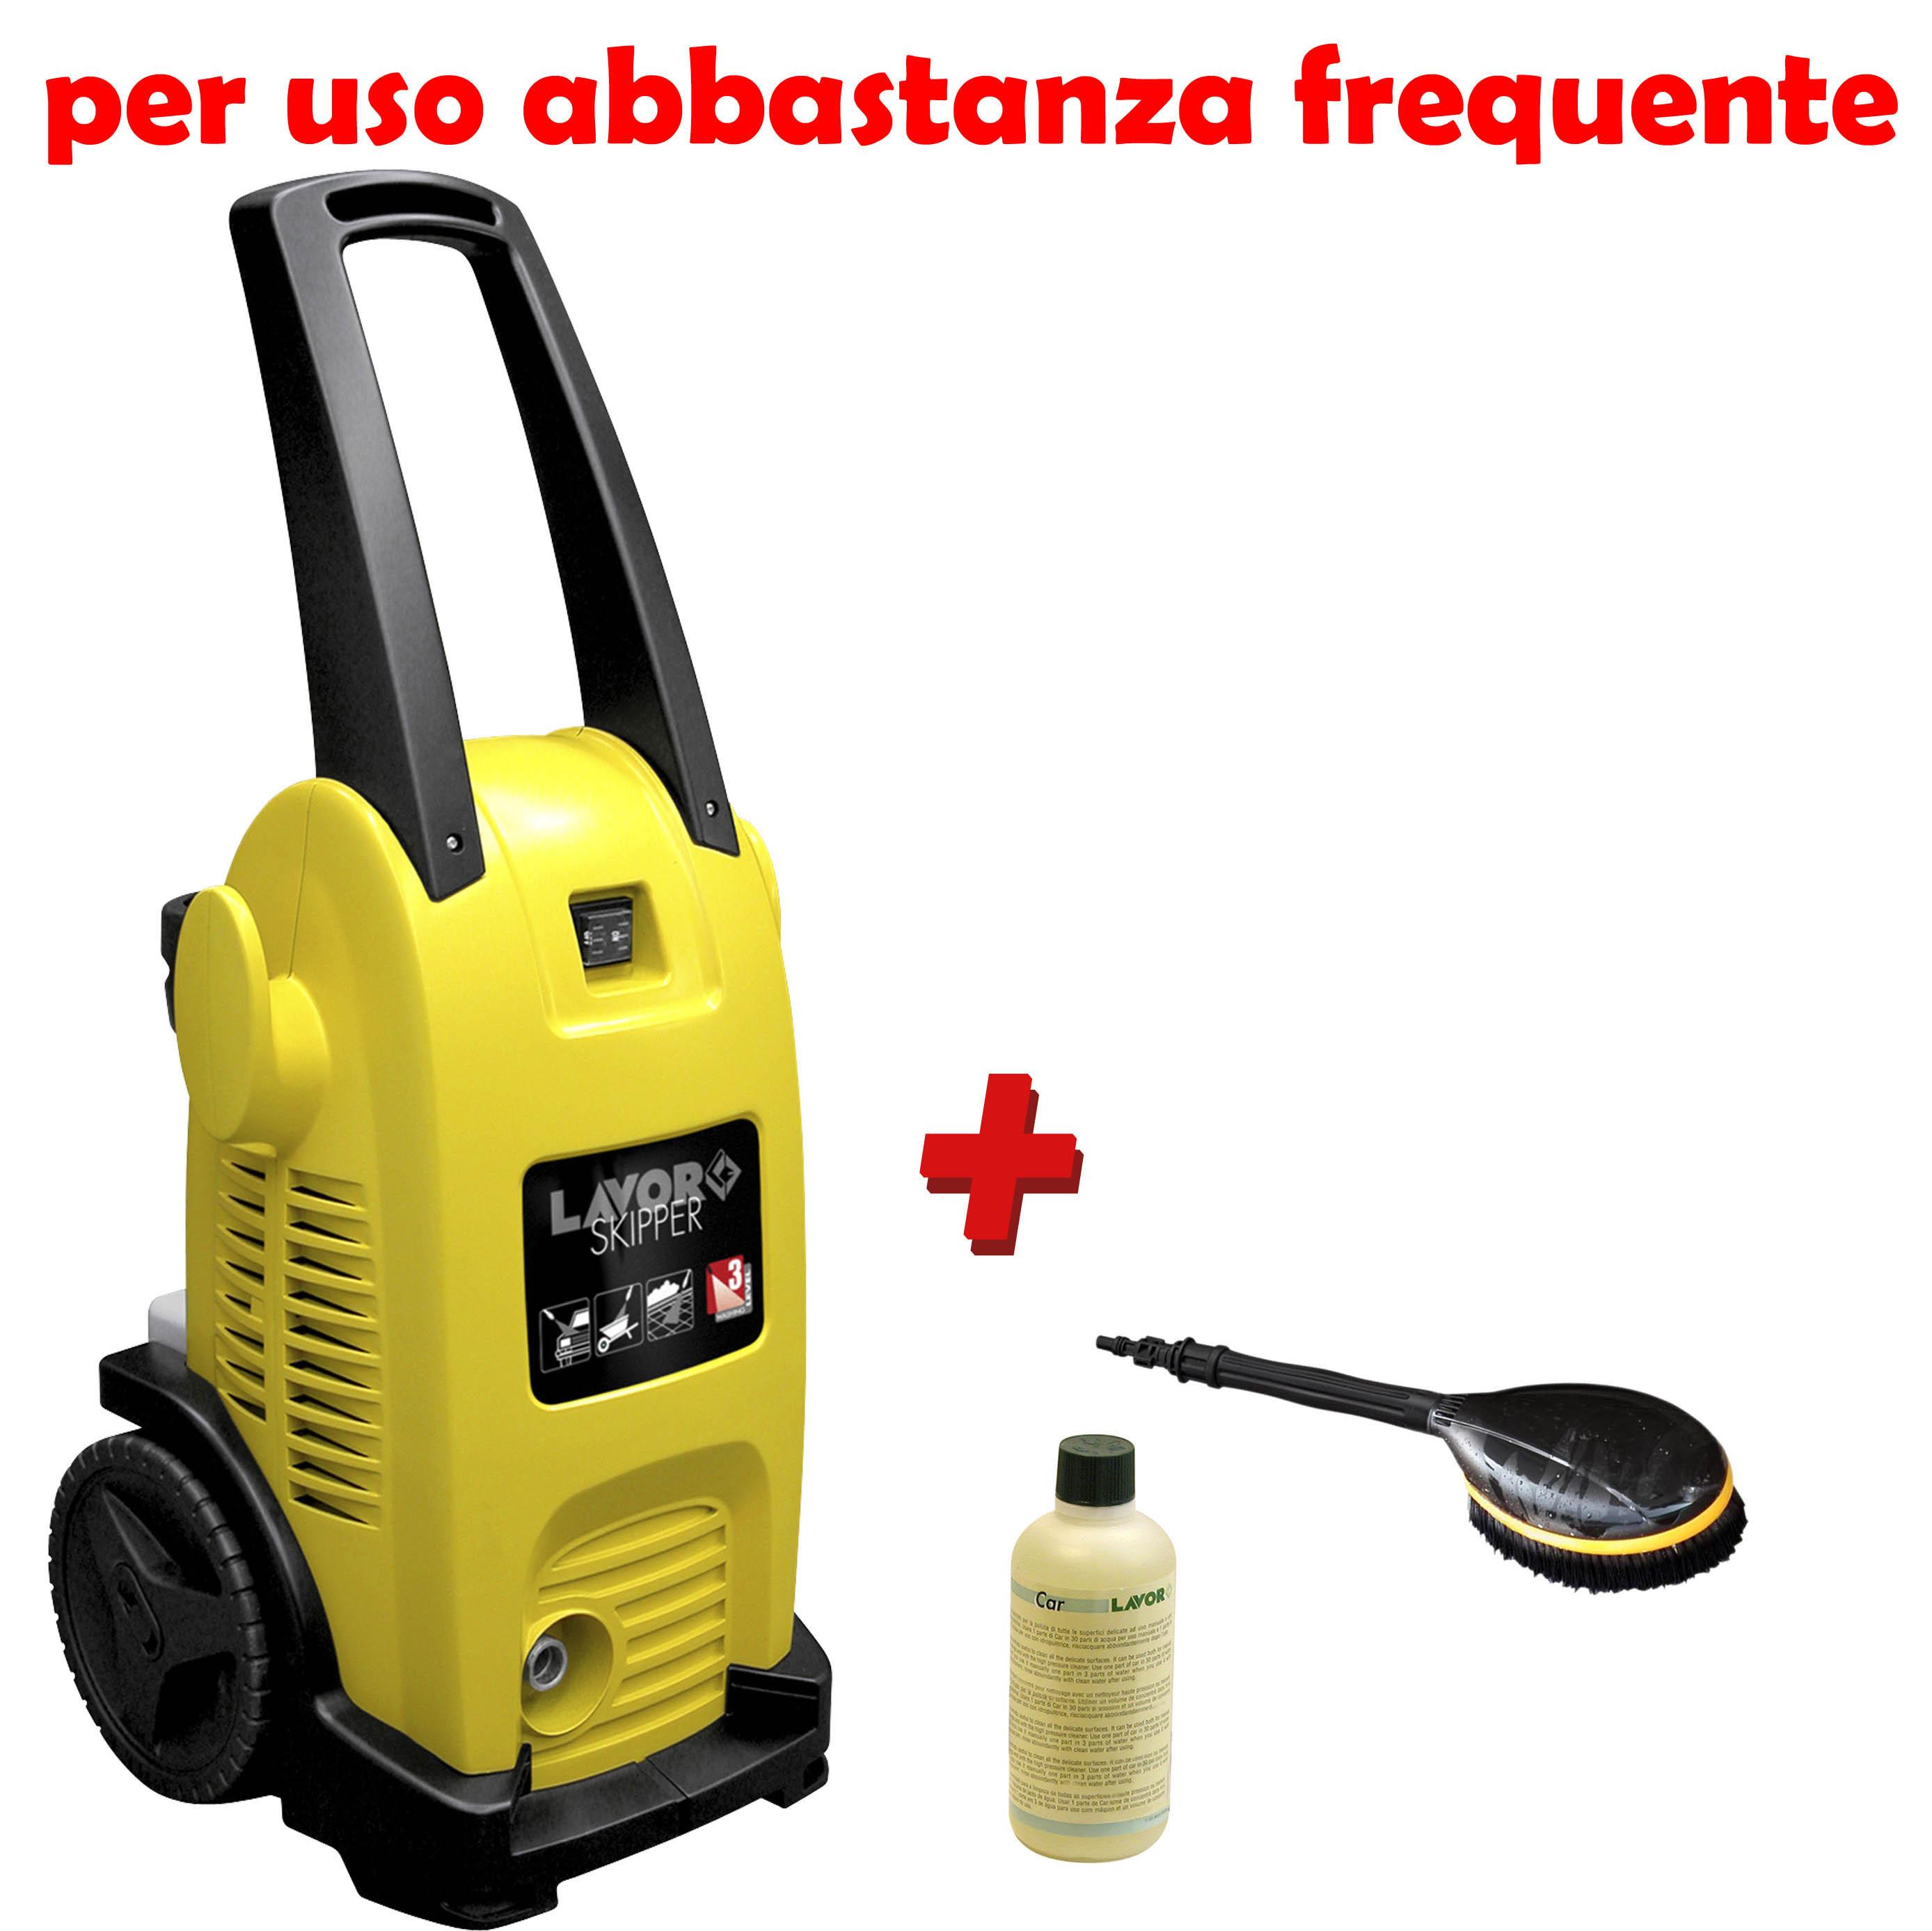 Schema Elettrico Idropulitrice Lavor : Idropulitrice ad acqua fredda skipper lavor shop